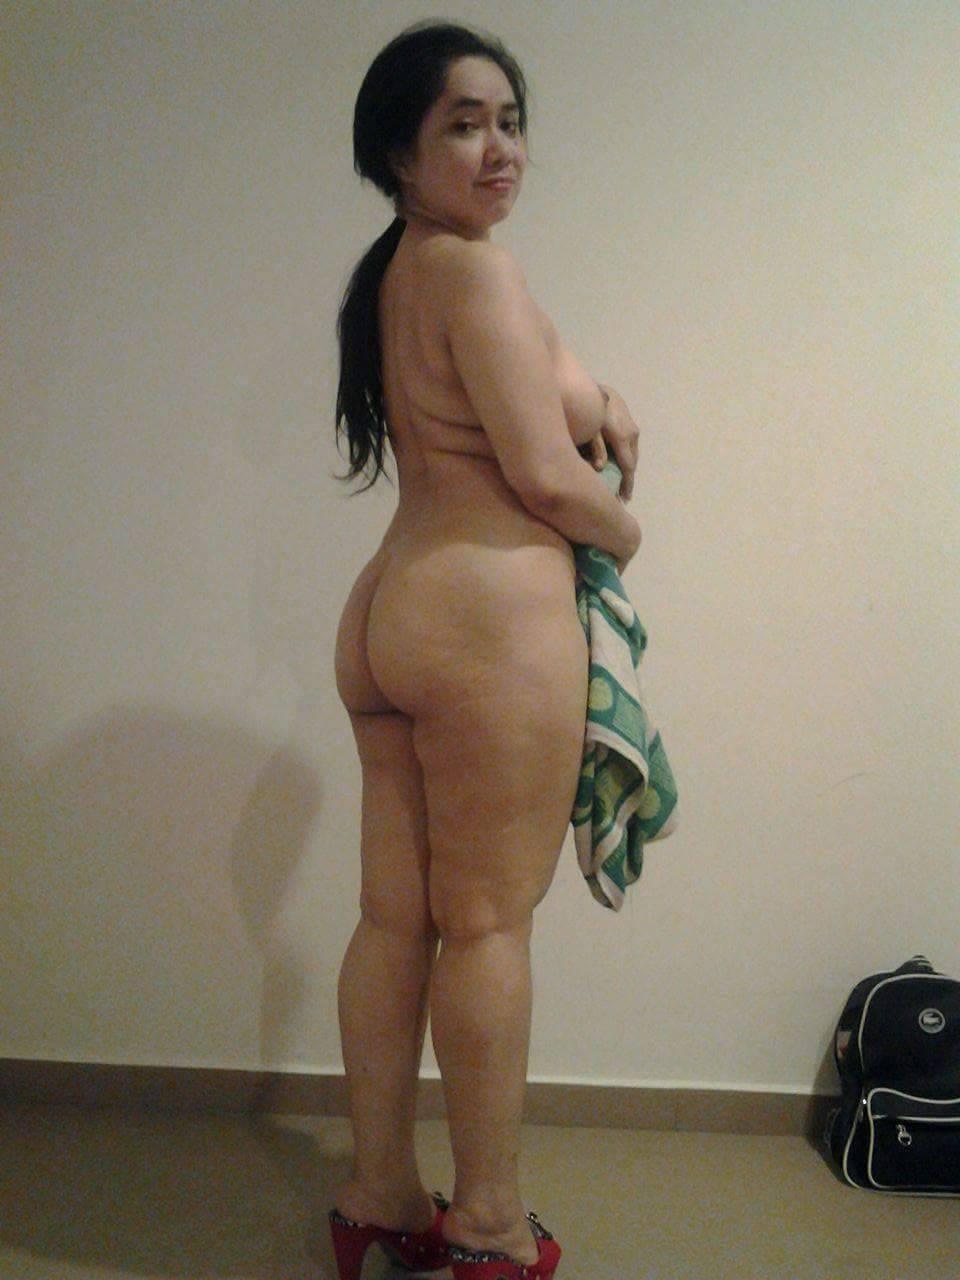 wanita bule bertato liar seksi, toket bulat ditindik, ngocok memek ditindik, mama horny ngentu, payudara abg sma